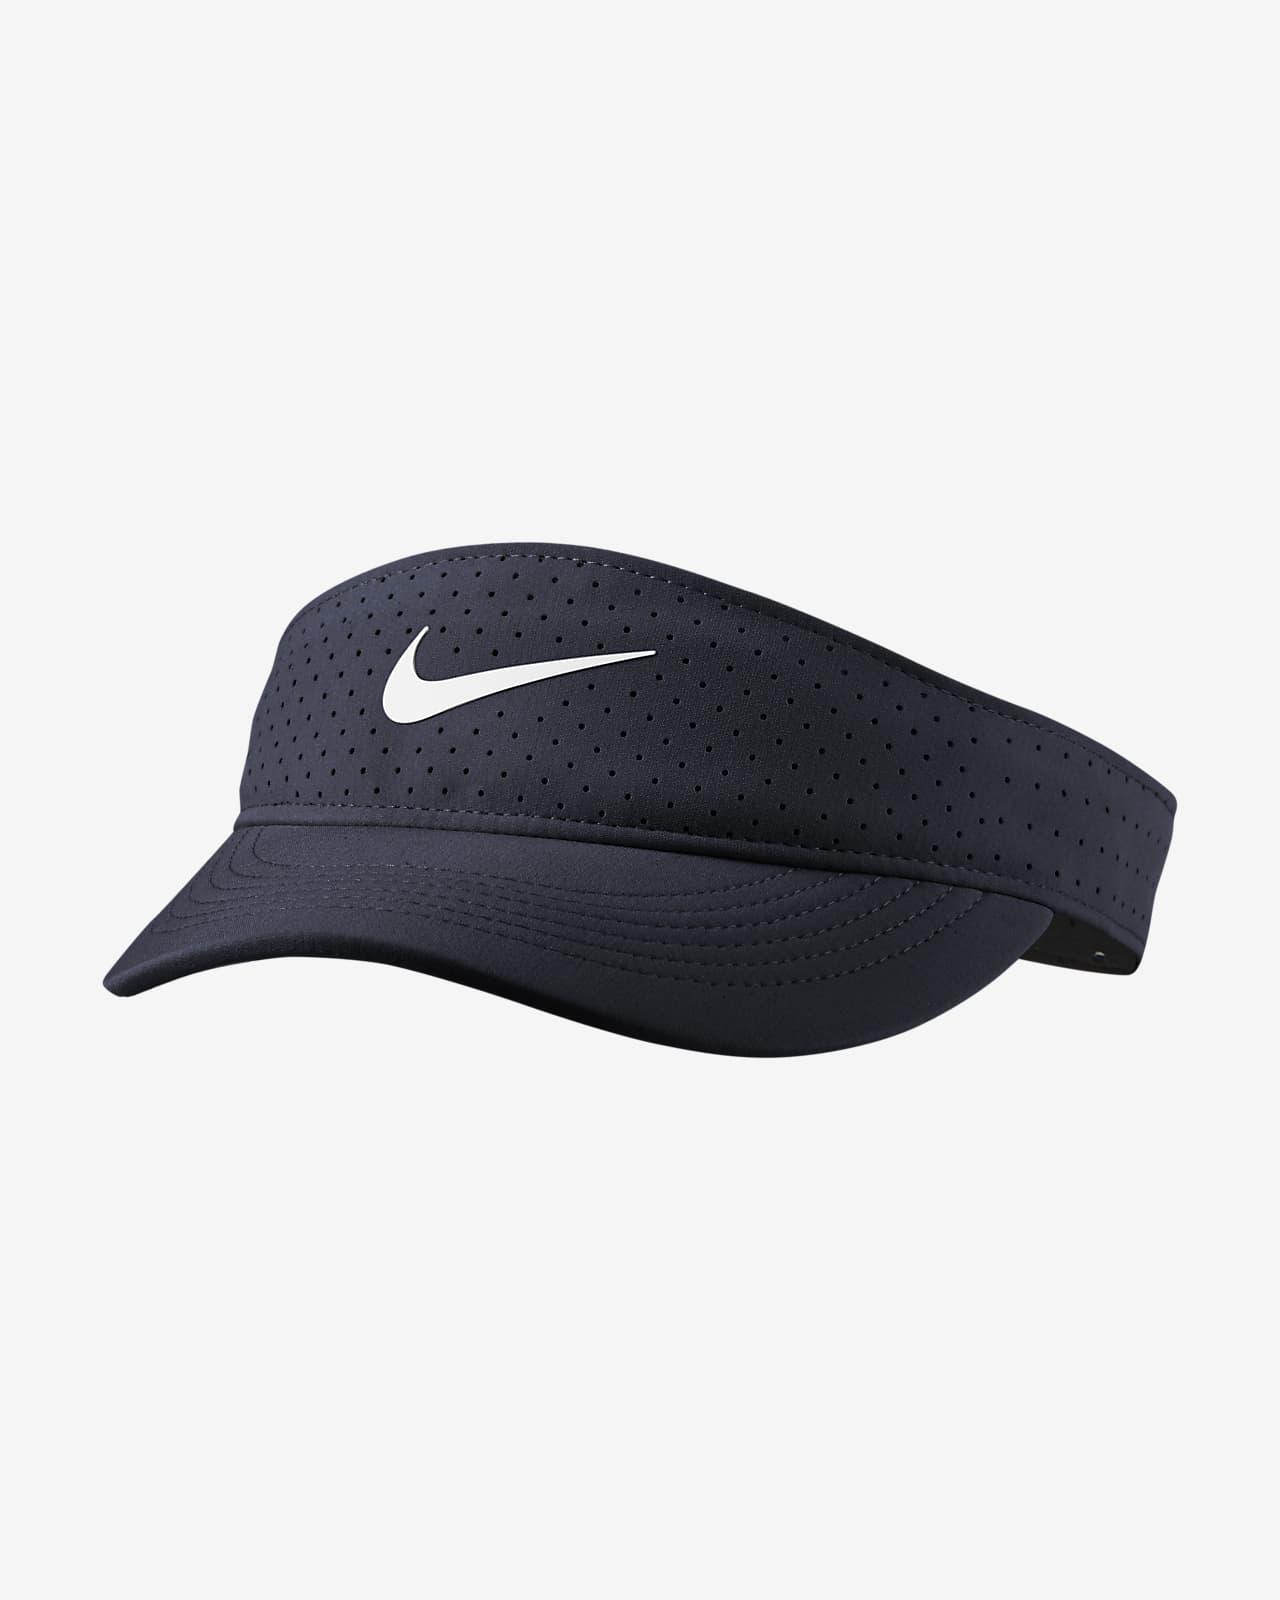 Pala de ténis NikeCourt Advantage para mulher